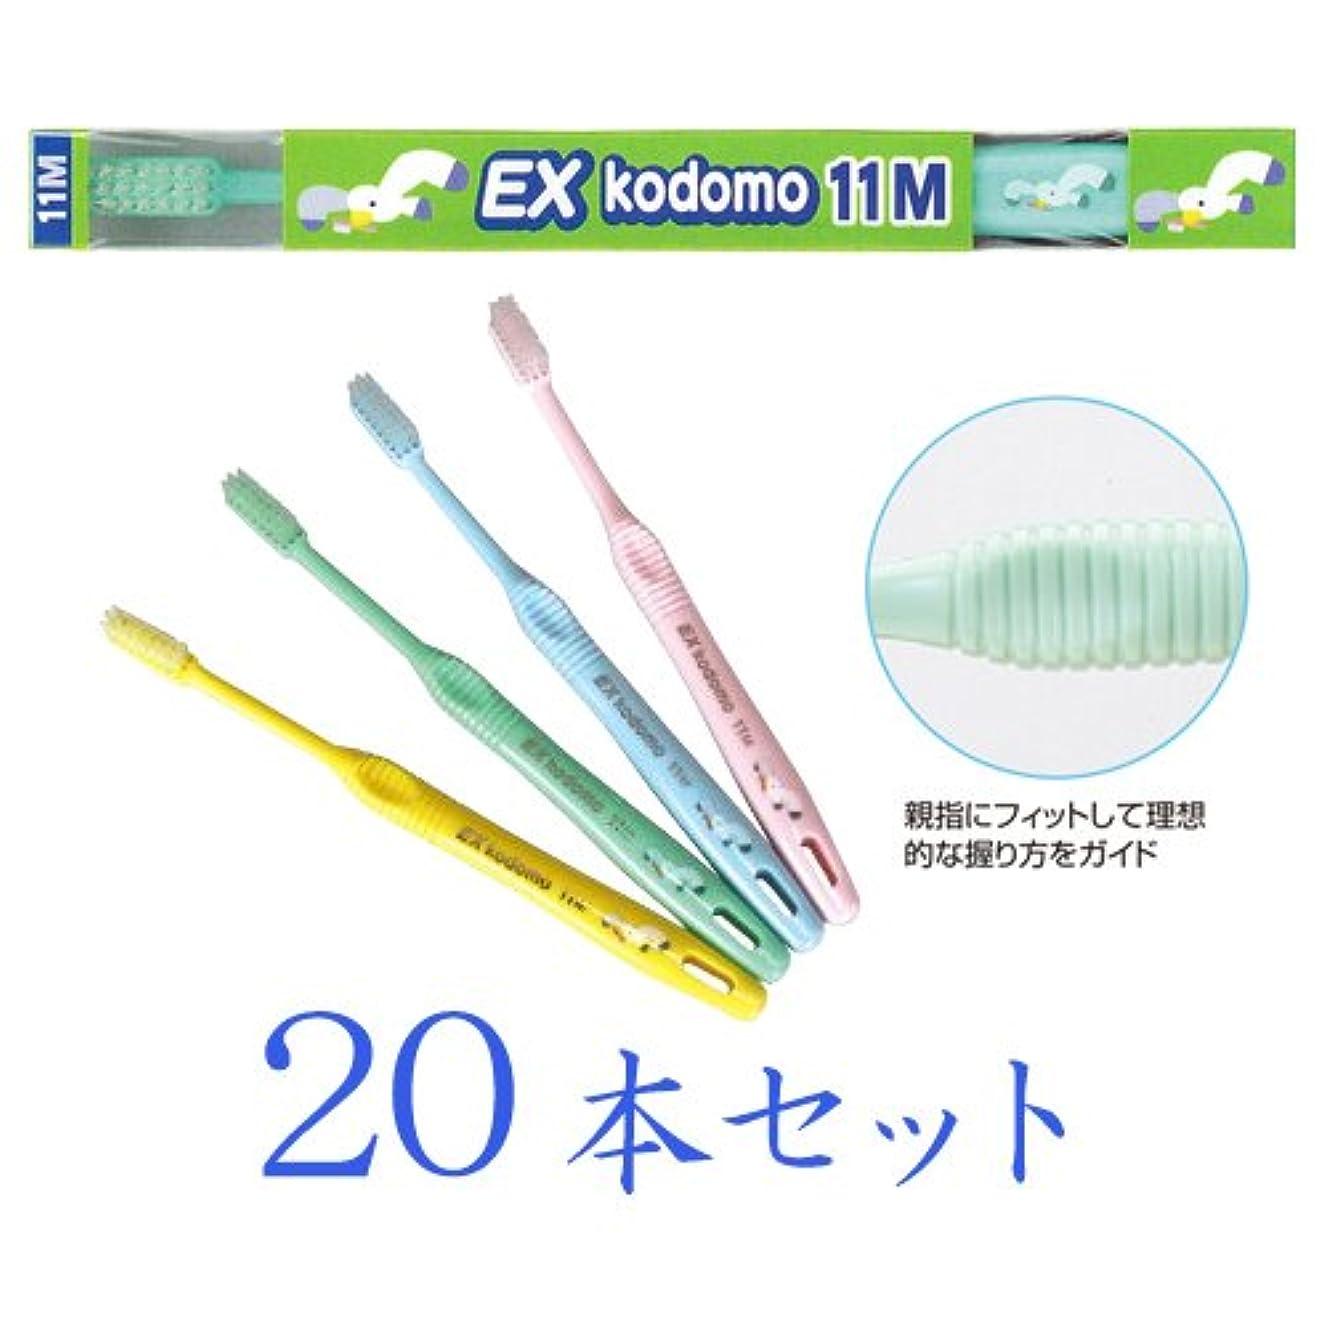 拍車強制的歯ライオン DENT.EX コドモ歯ブラシ 20本入 11M(混合歯列後期用?8~12歳)(カモメ)